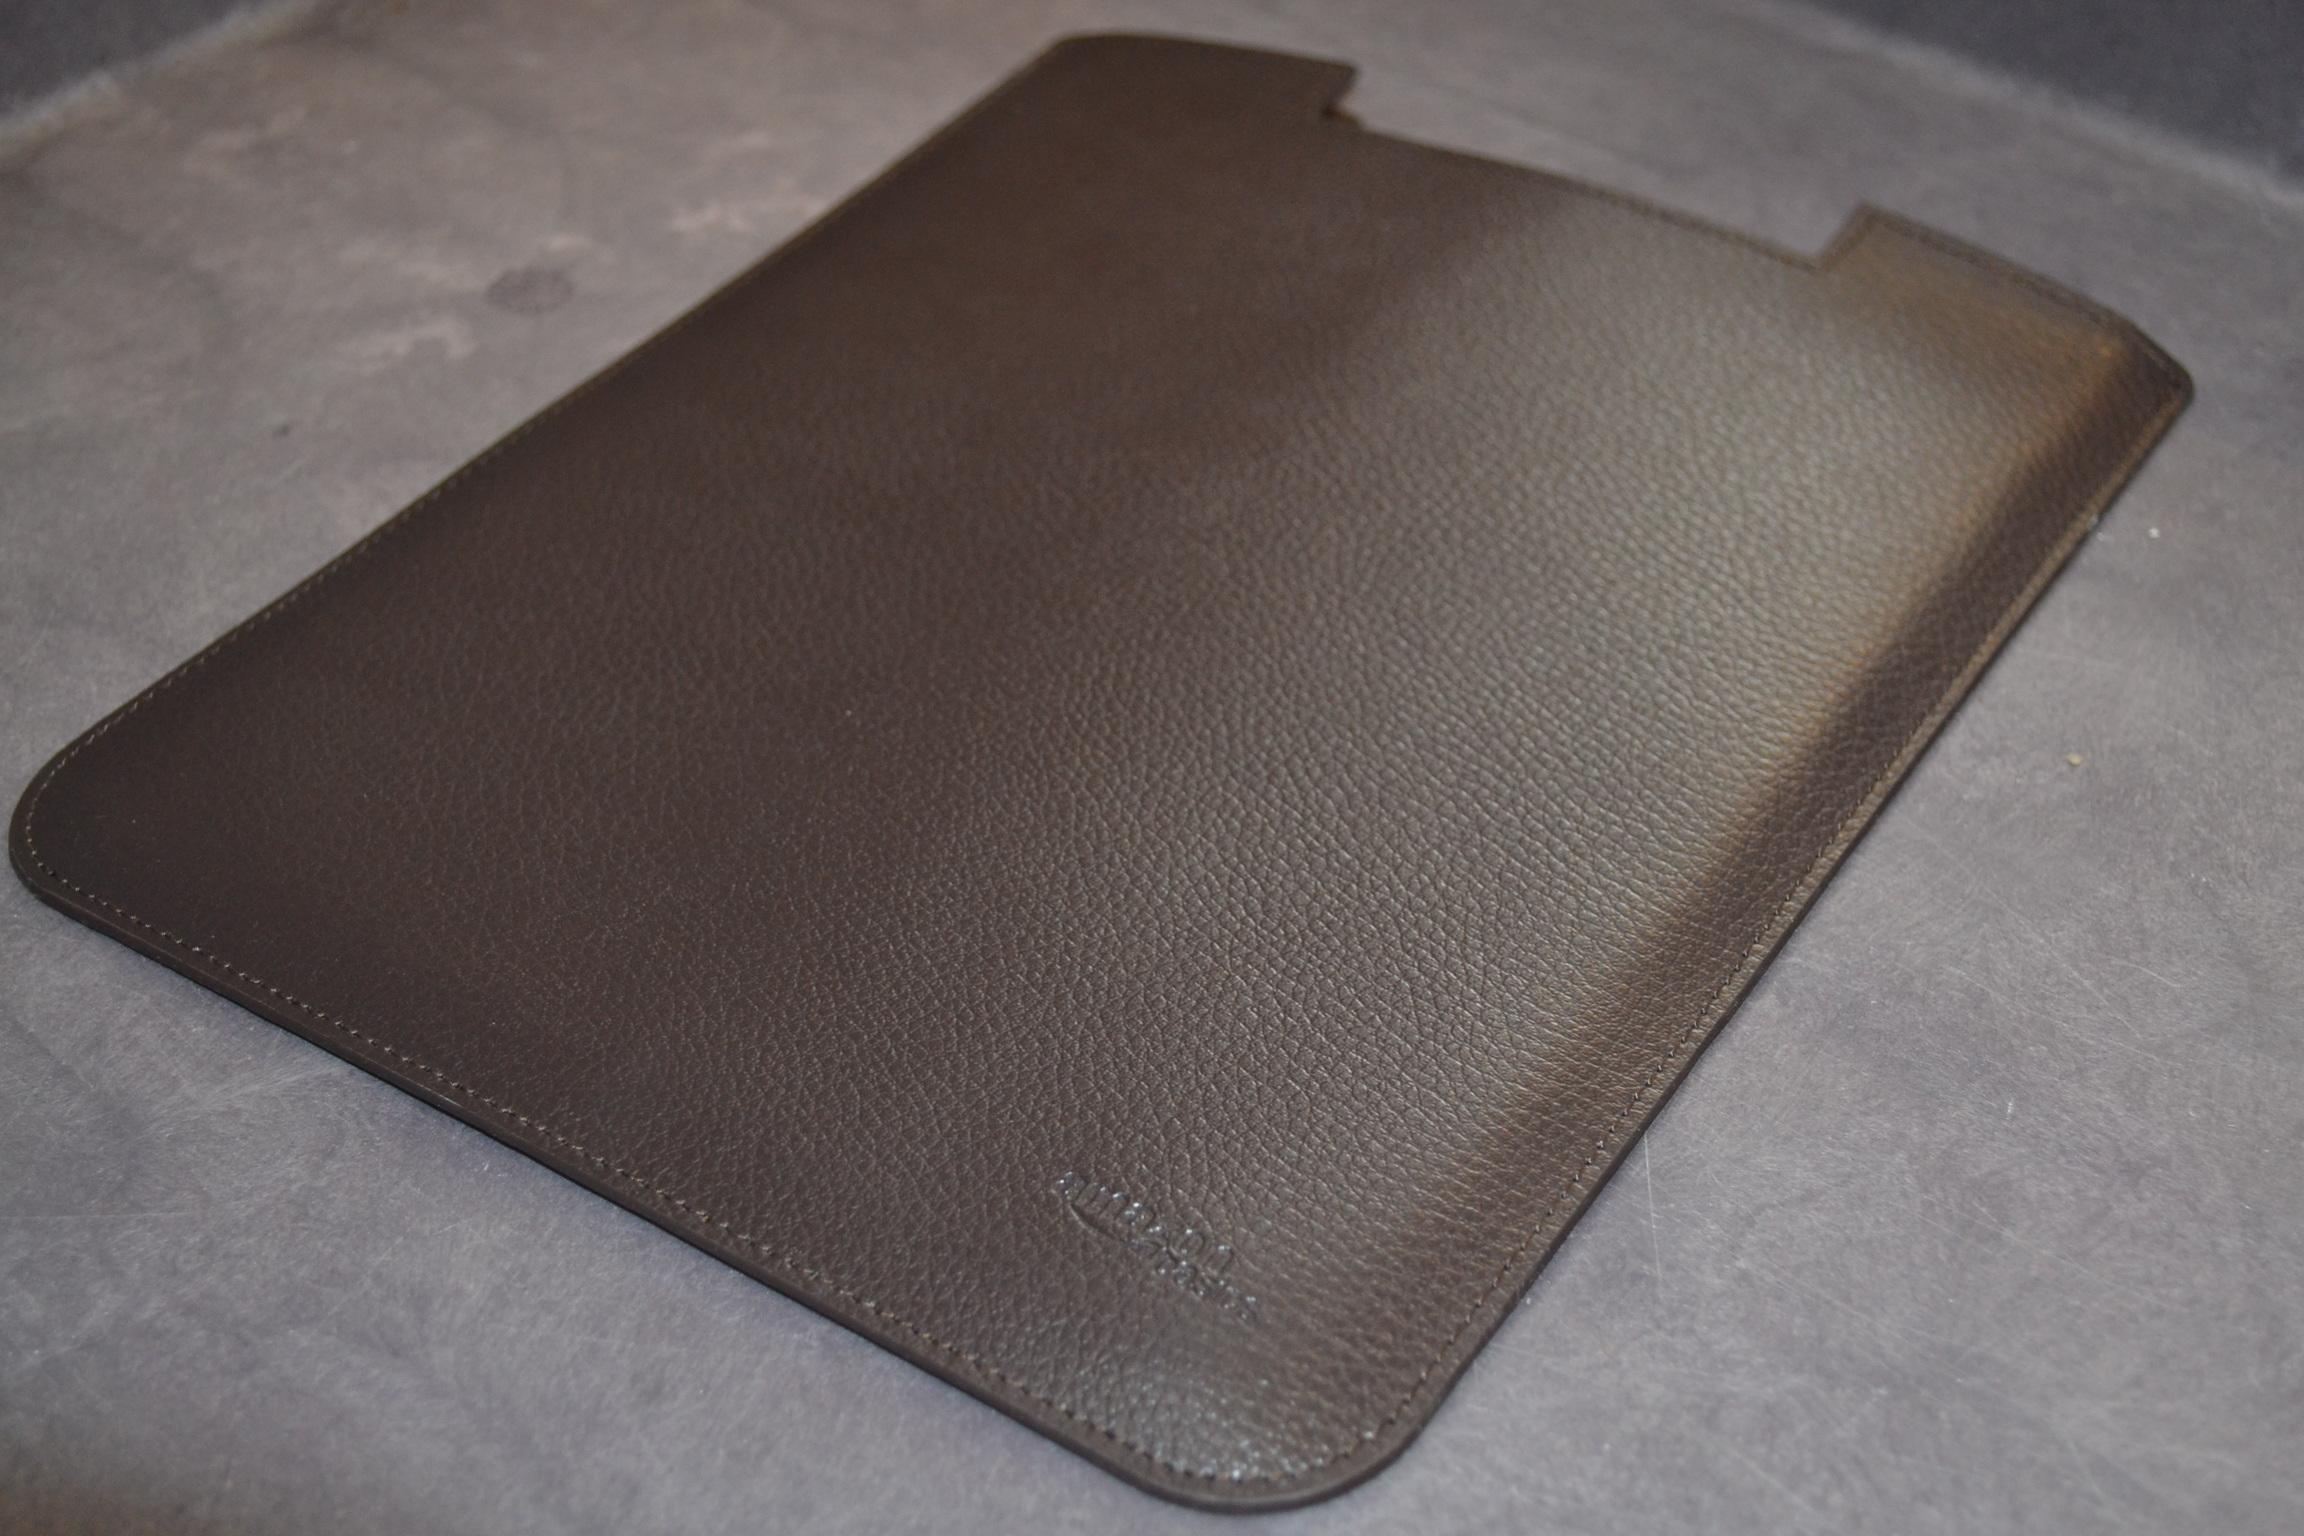 AmazonBasics Leather Sleeve For Apple iPad Brown